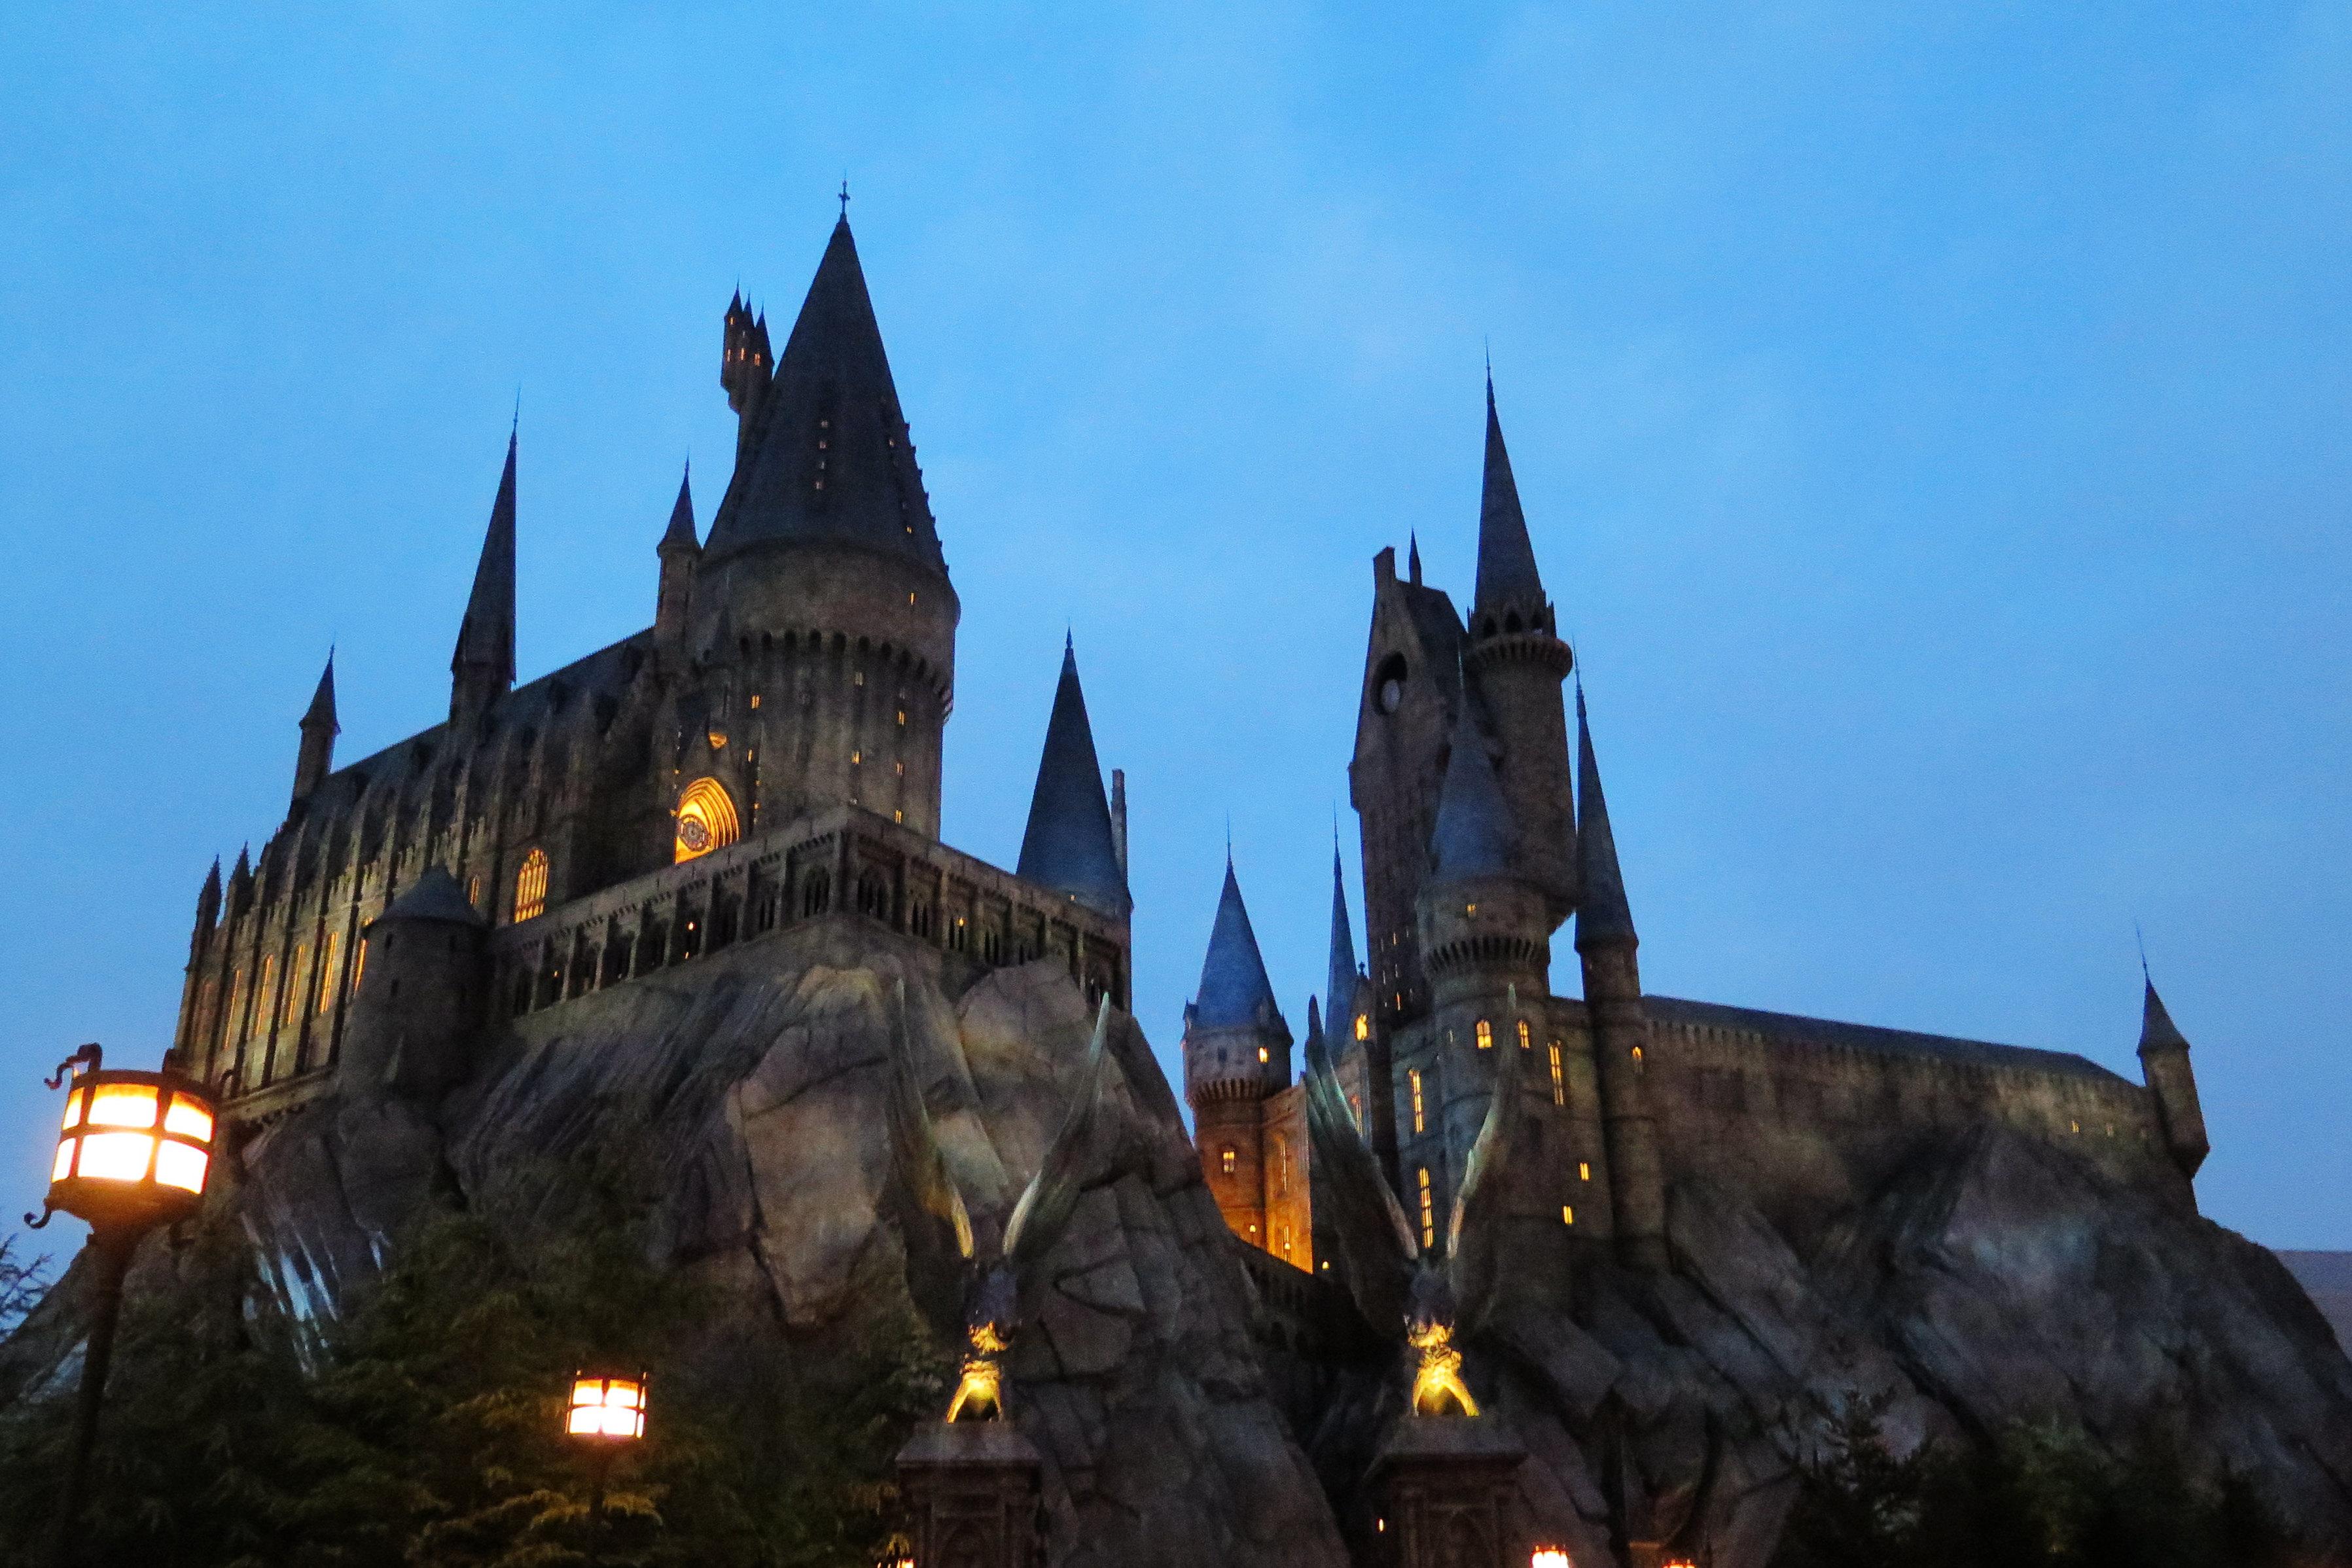 哈利波特的魔法城堡只有在事先预约好的时间前往,还要凭事前的预约券.